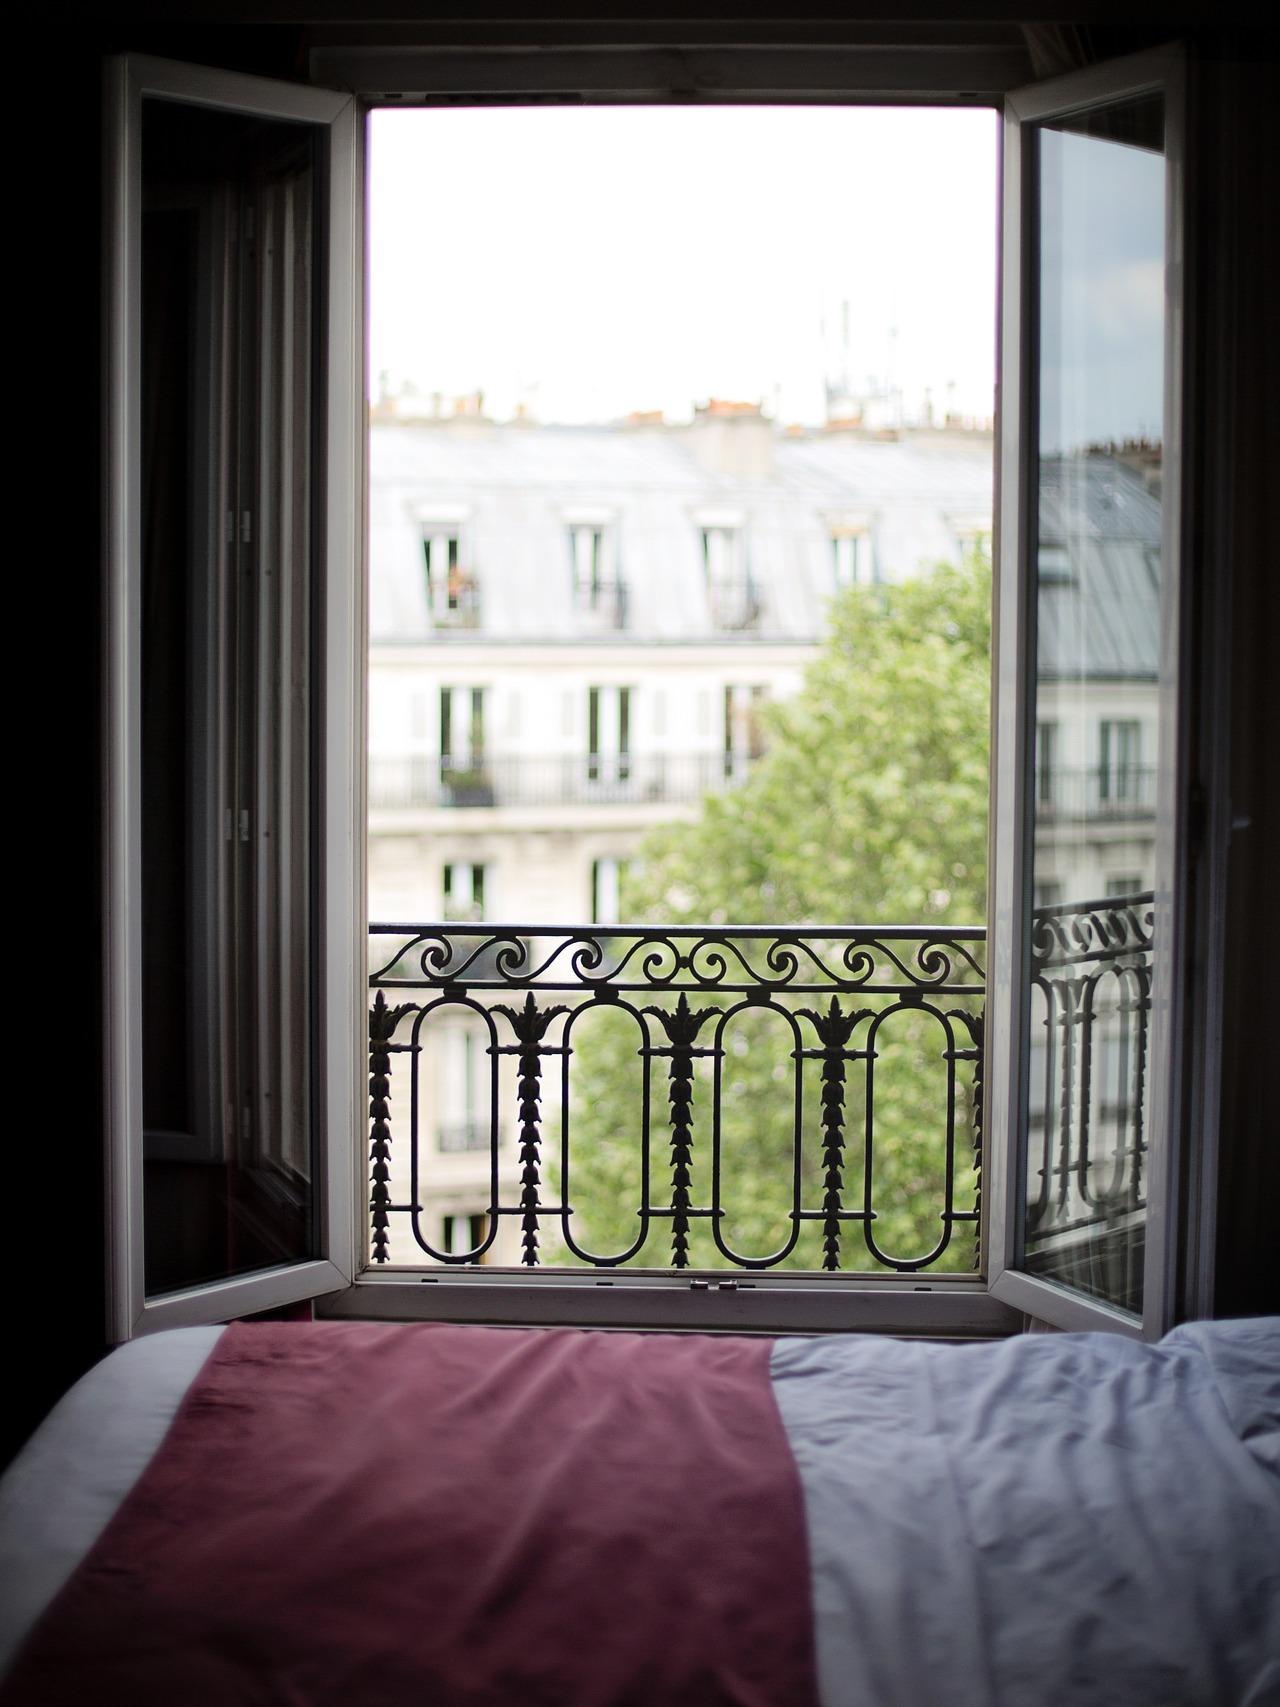 Imagen de la ventana abierta de un dormitorio en penumbra